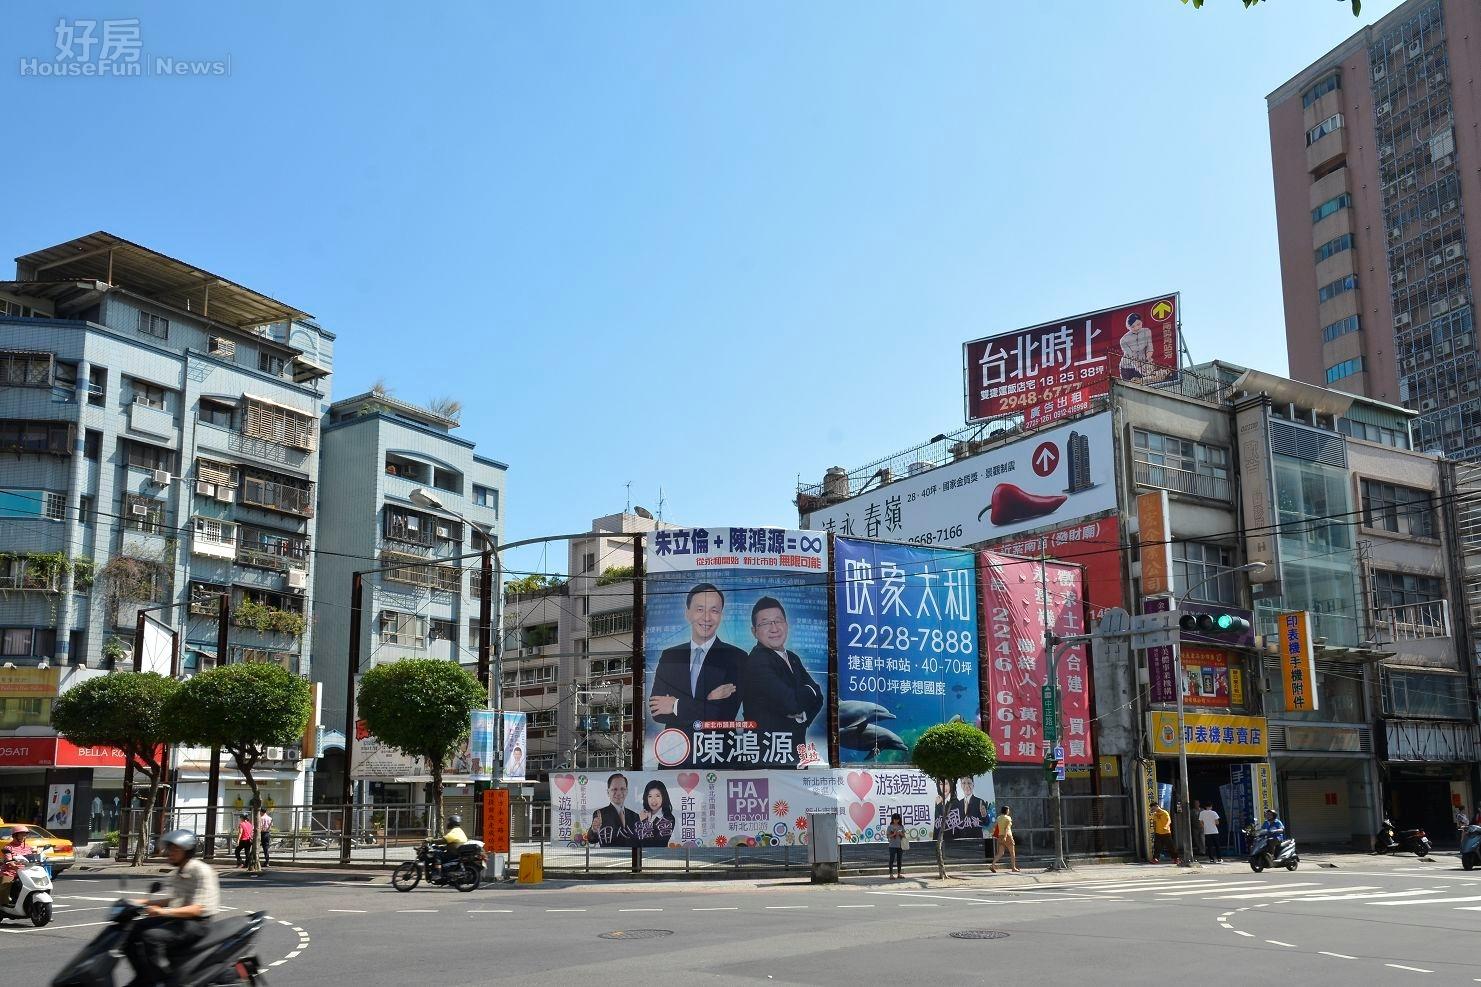 選舉廣告看板與建案廣告交雜並列。(好房網News記者 陳韋帆/攝影)